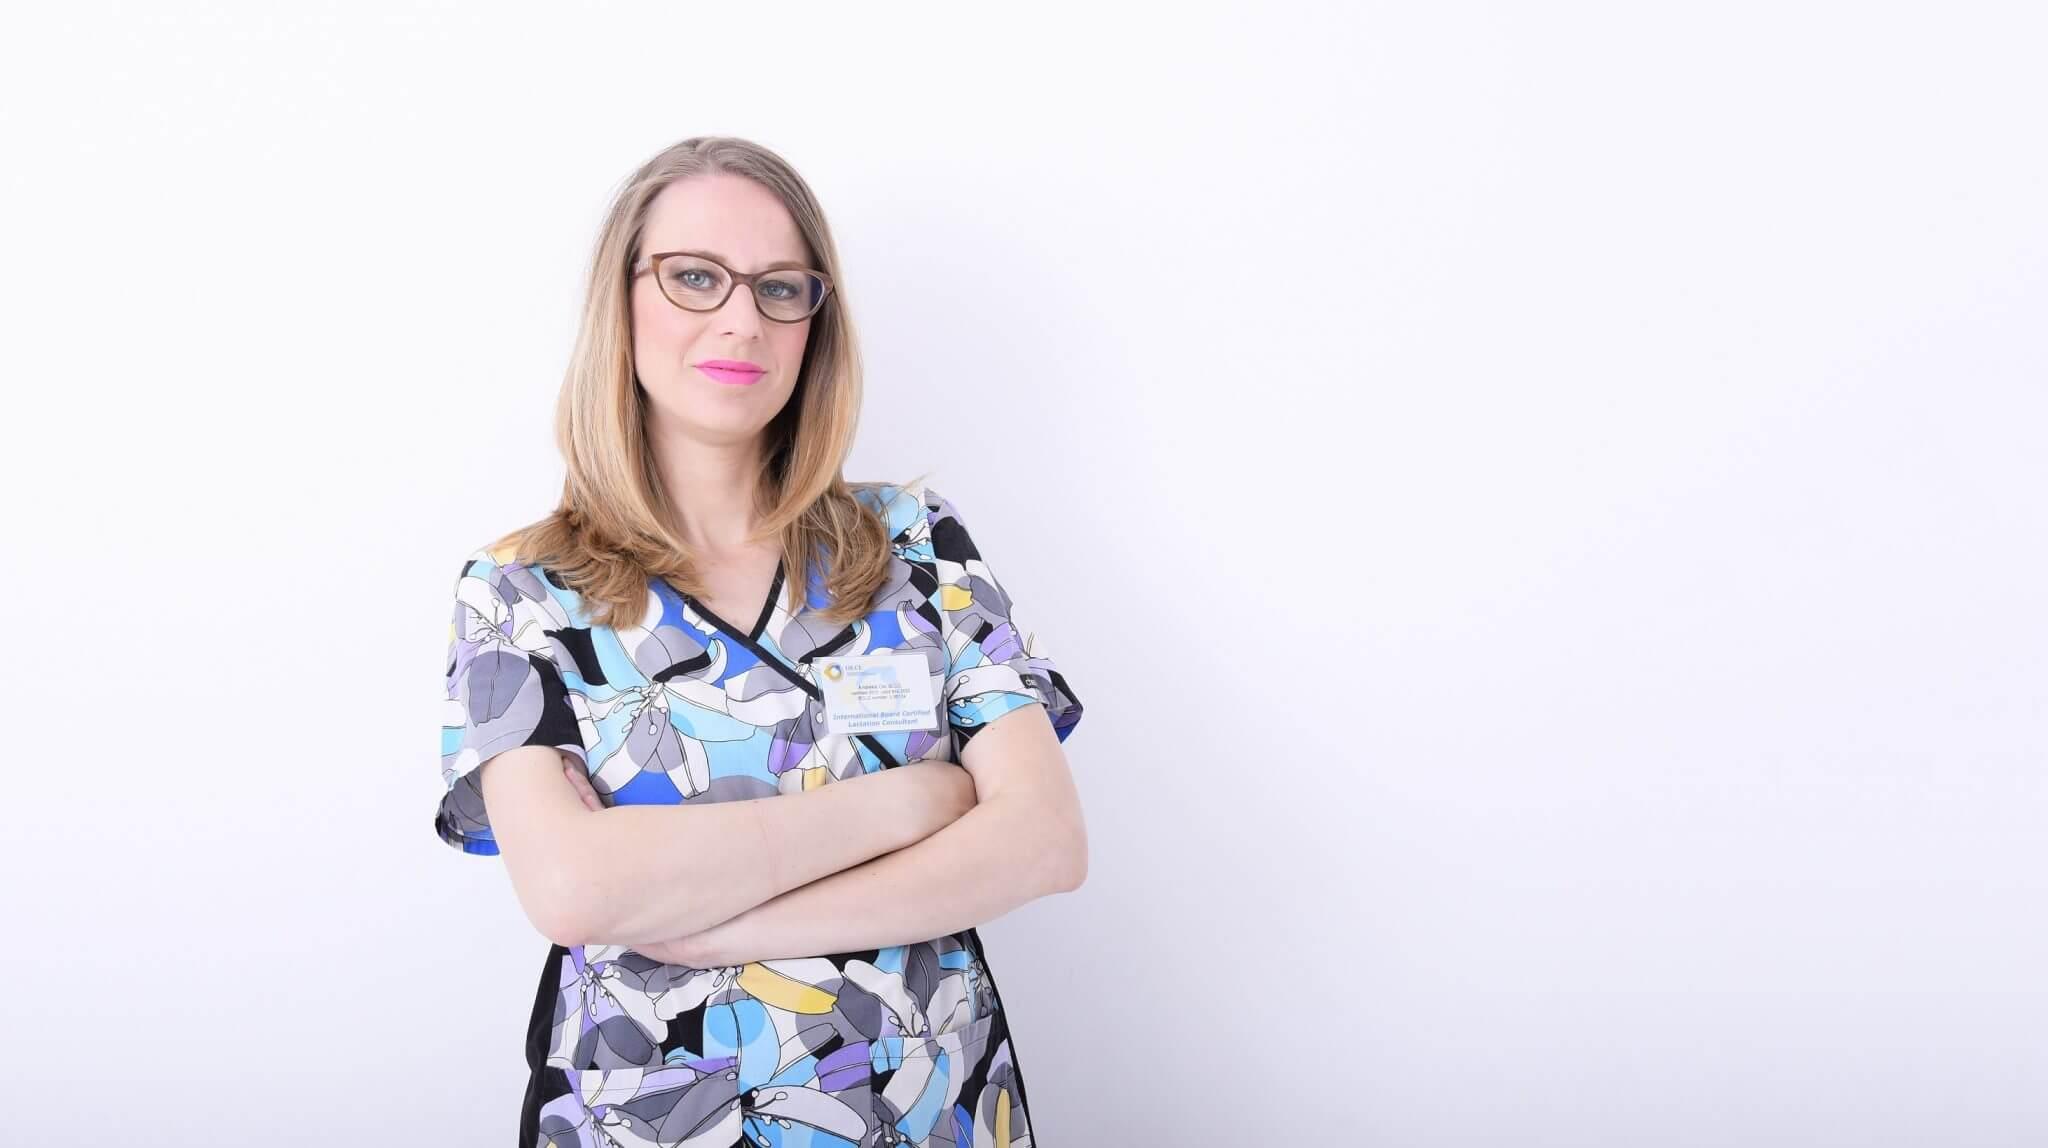 Andreea Ola